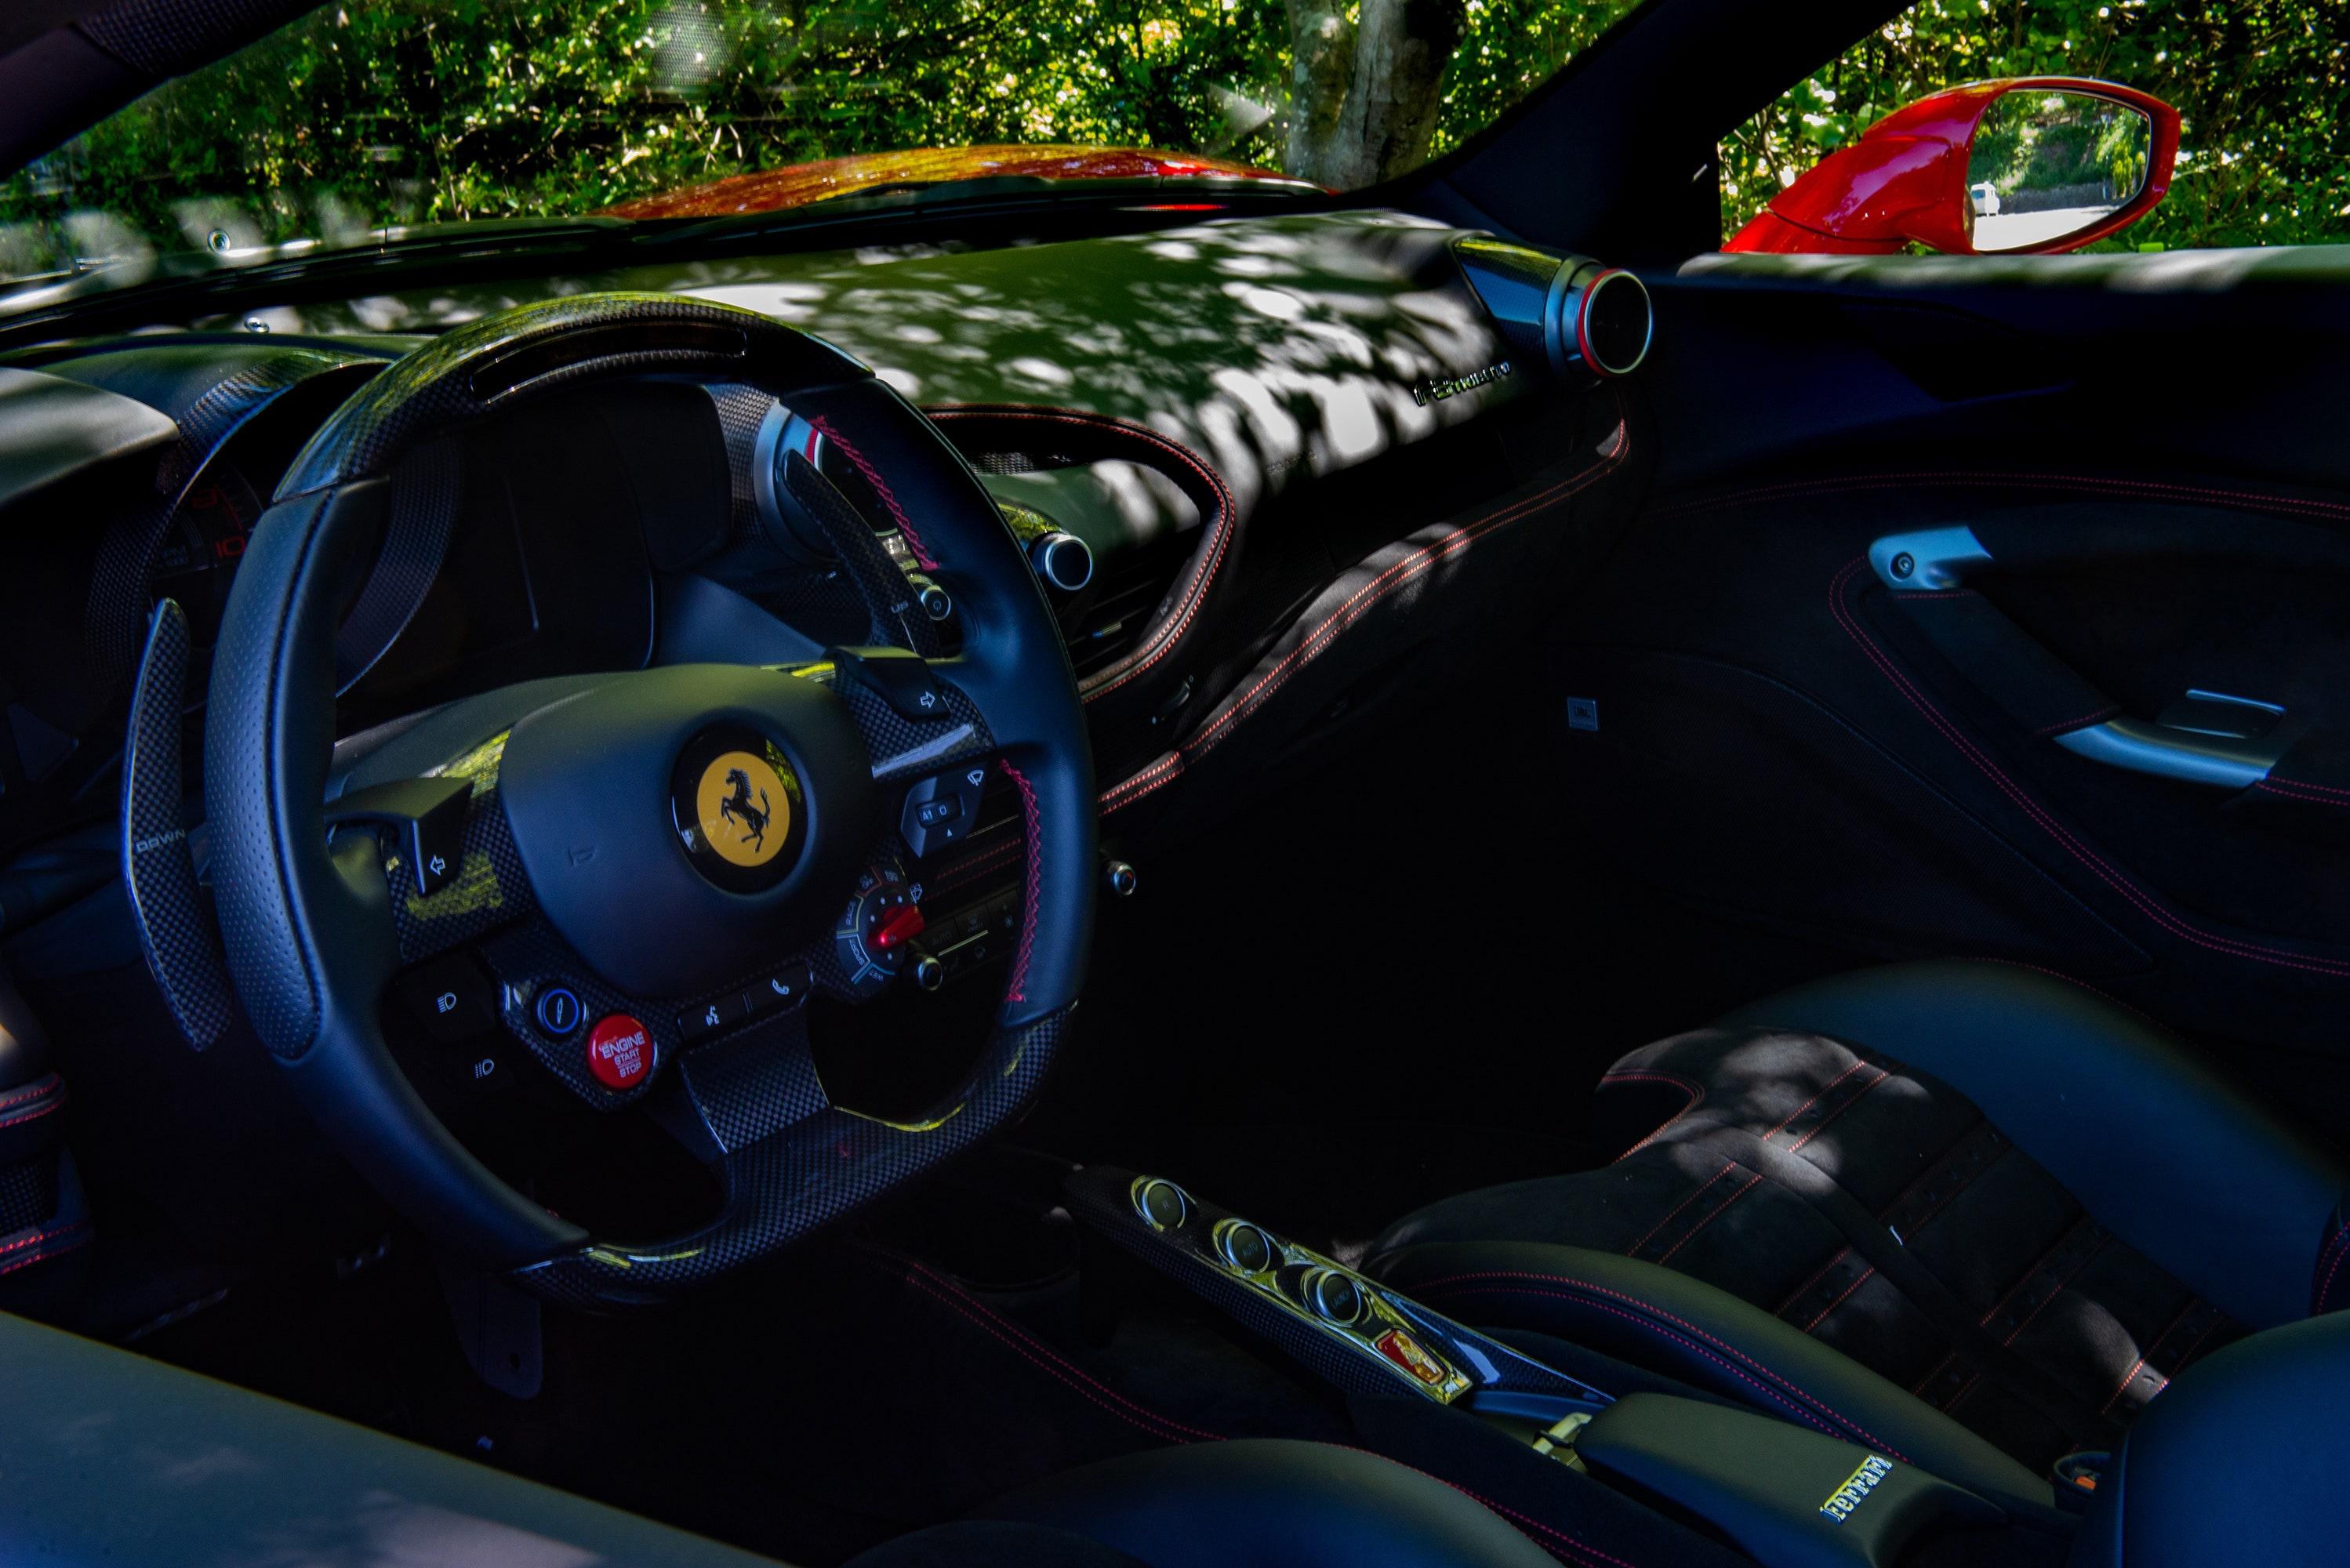 ピュアなV8ガソリンエンジンを積んだミドシップ・フェラーリは最後かもしれない